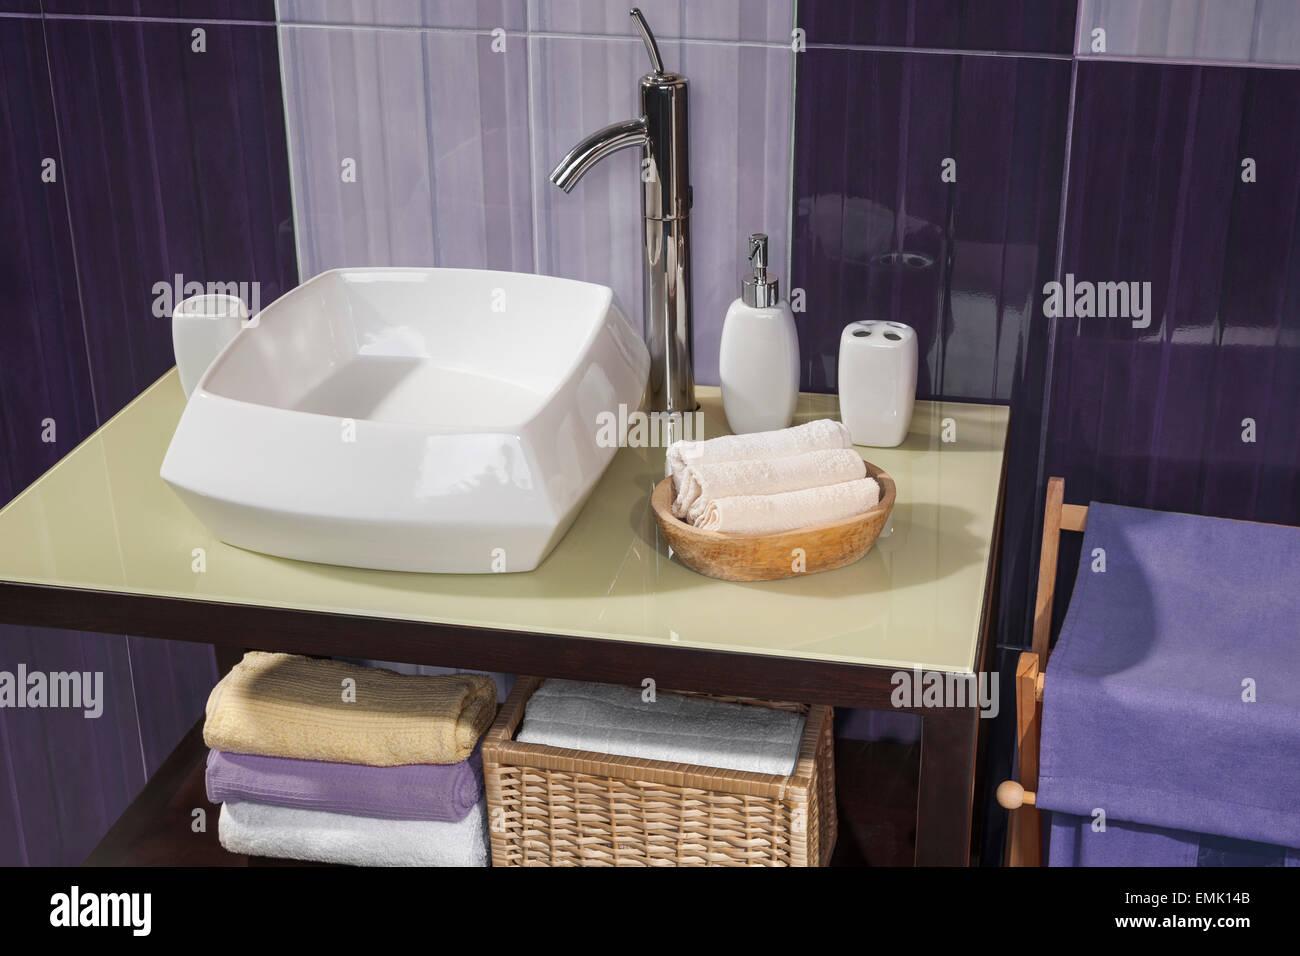 Großartig Bad Waschbecken Foto Von Detail Der Ein Modernes Mit Und Zubehör,